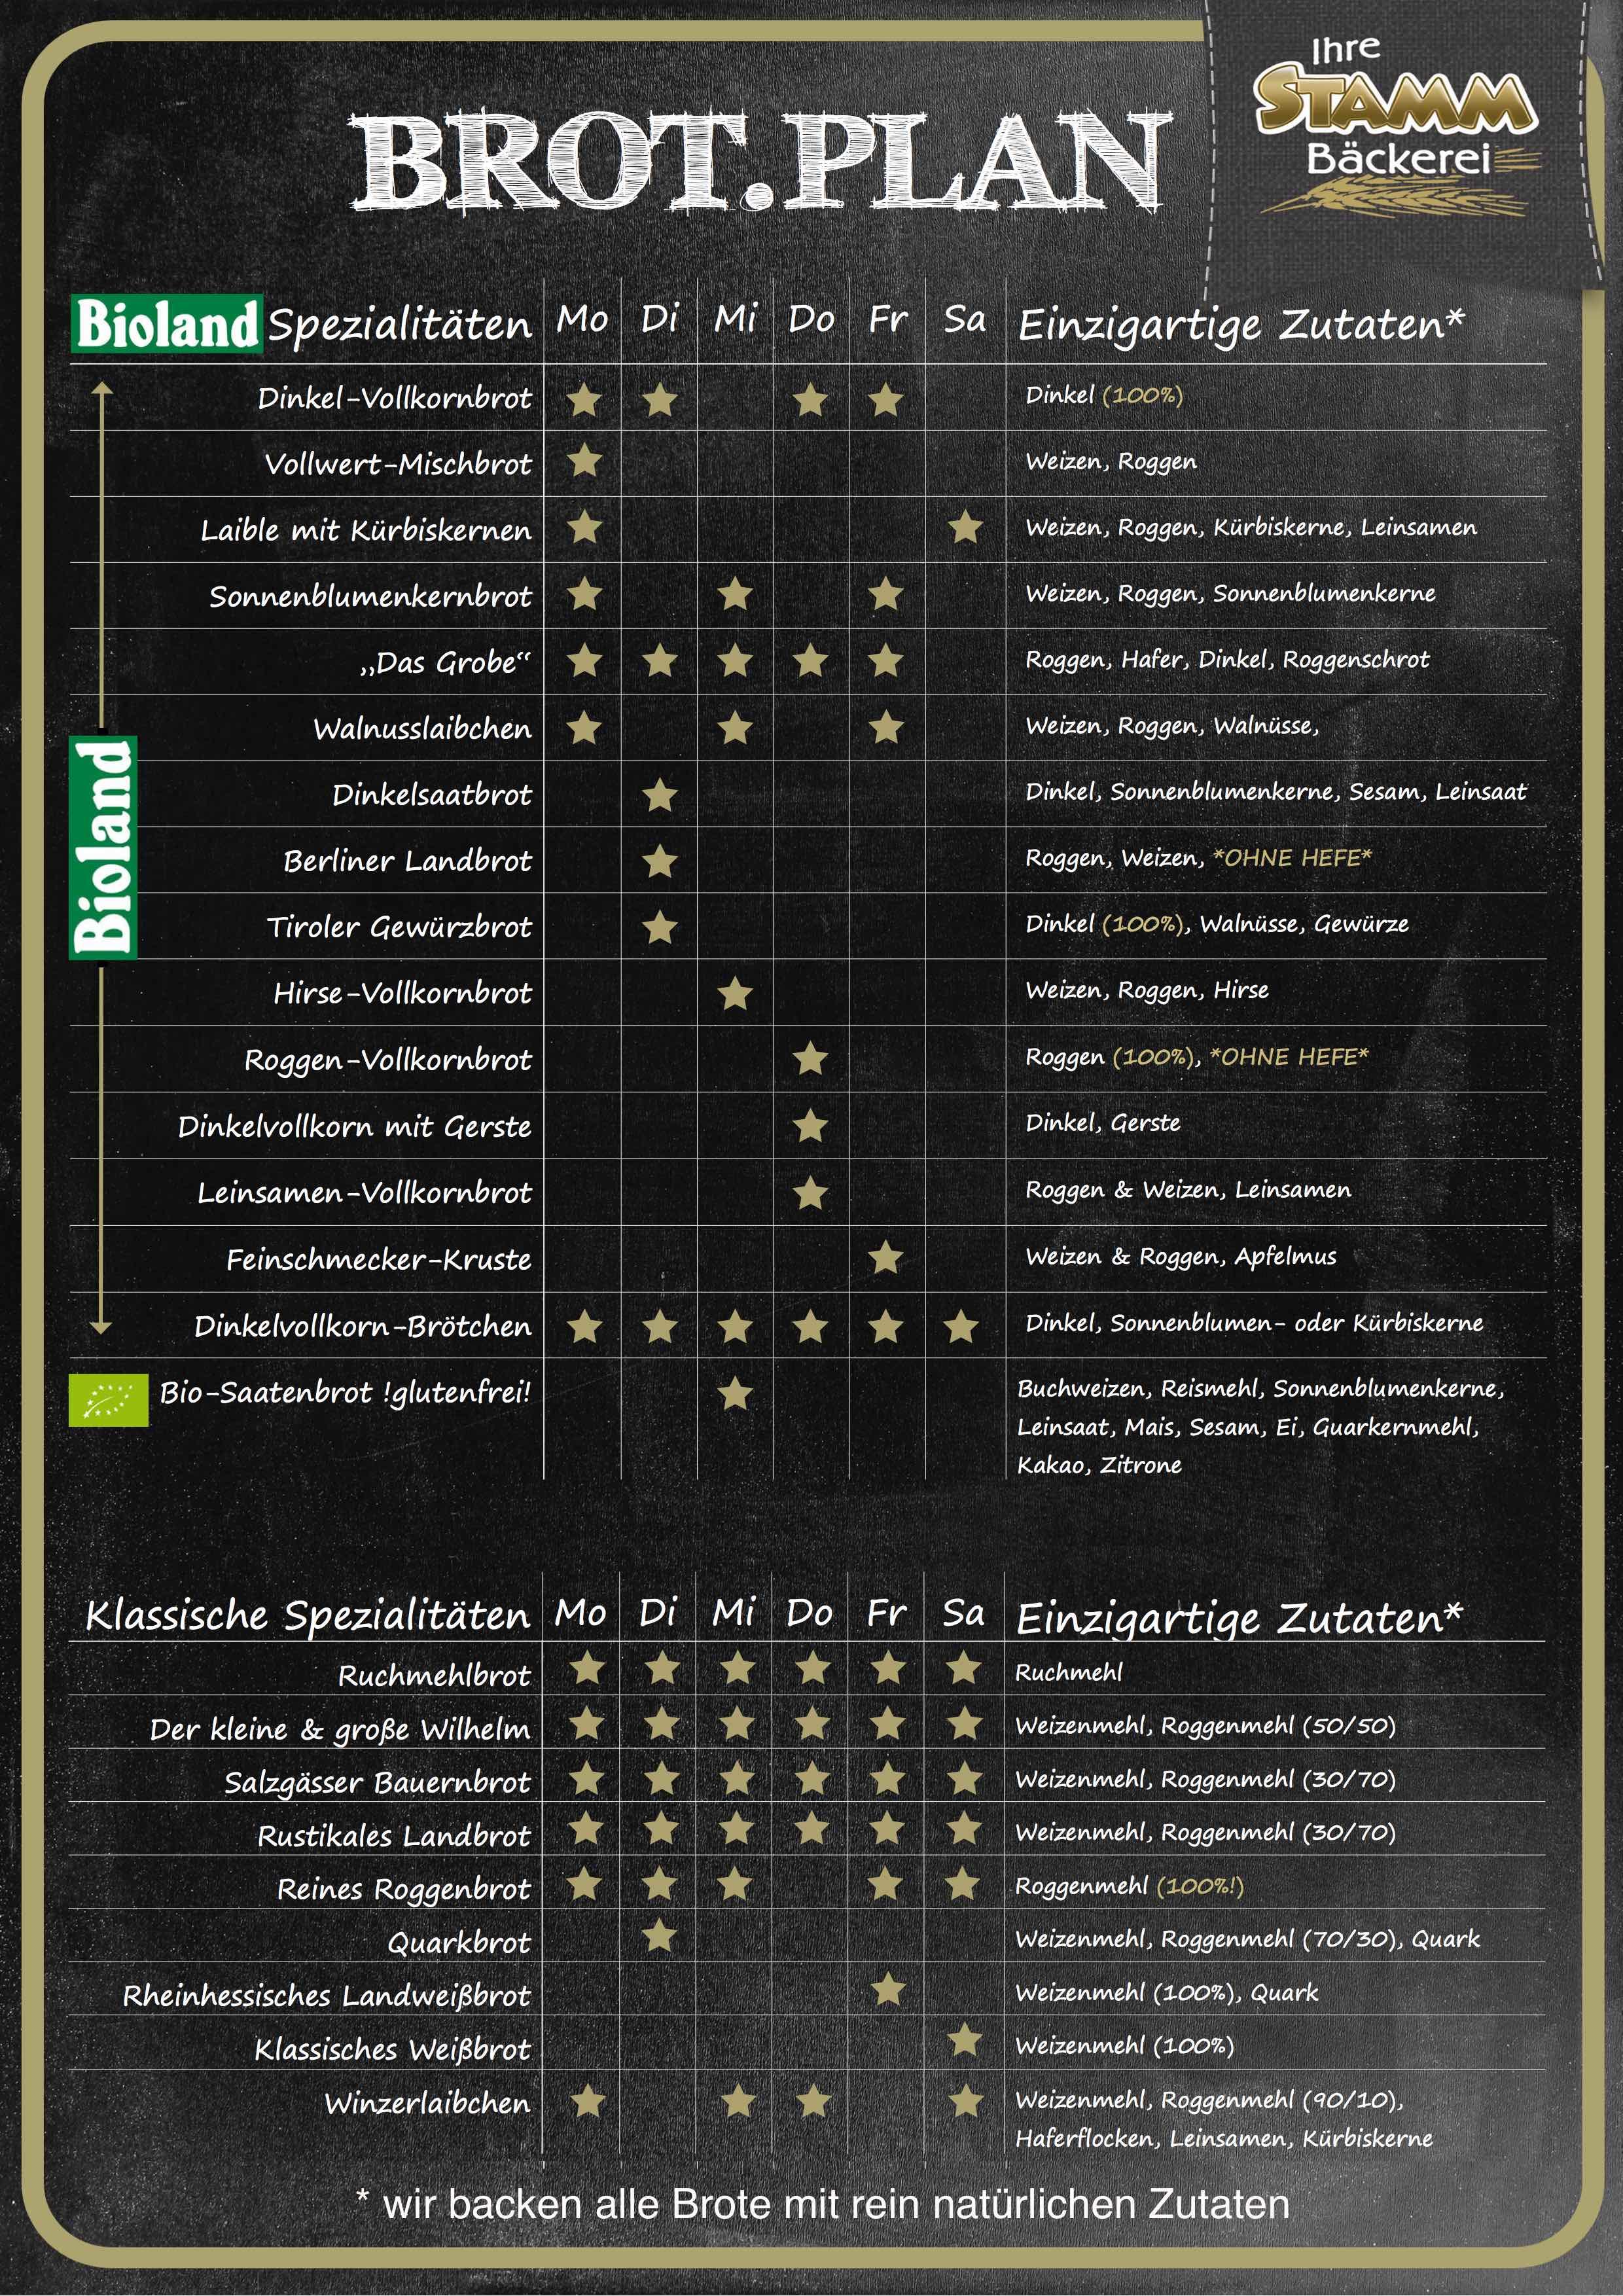 Brotplan 2015 - JPG